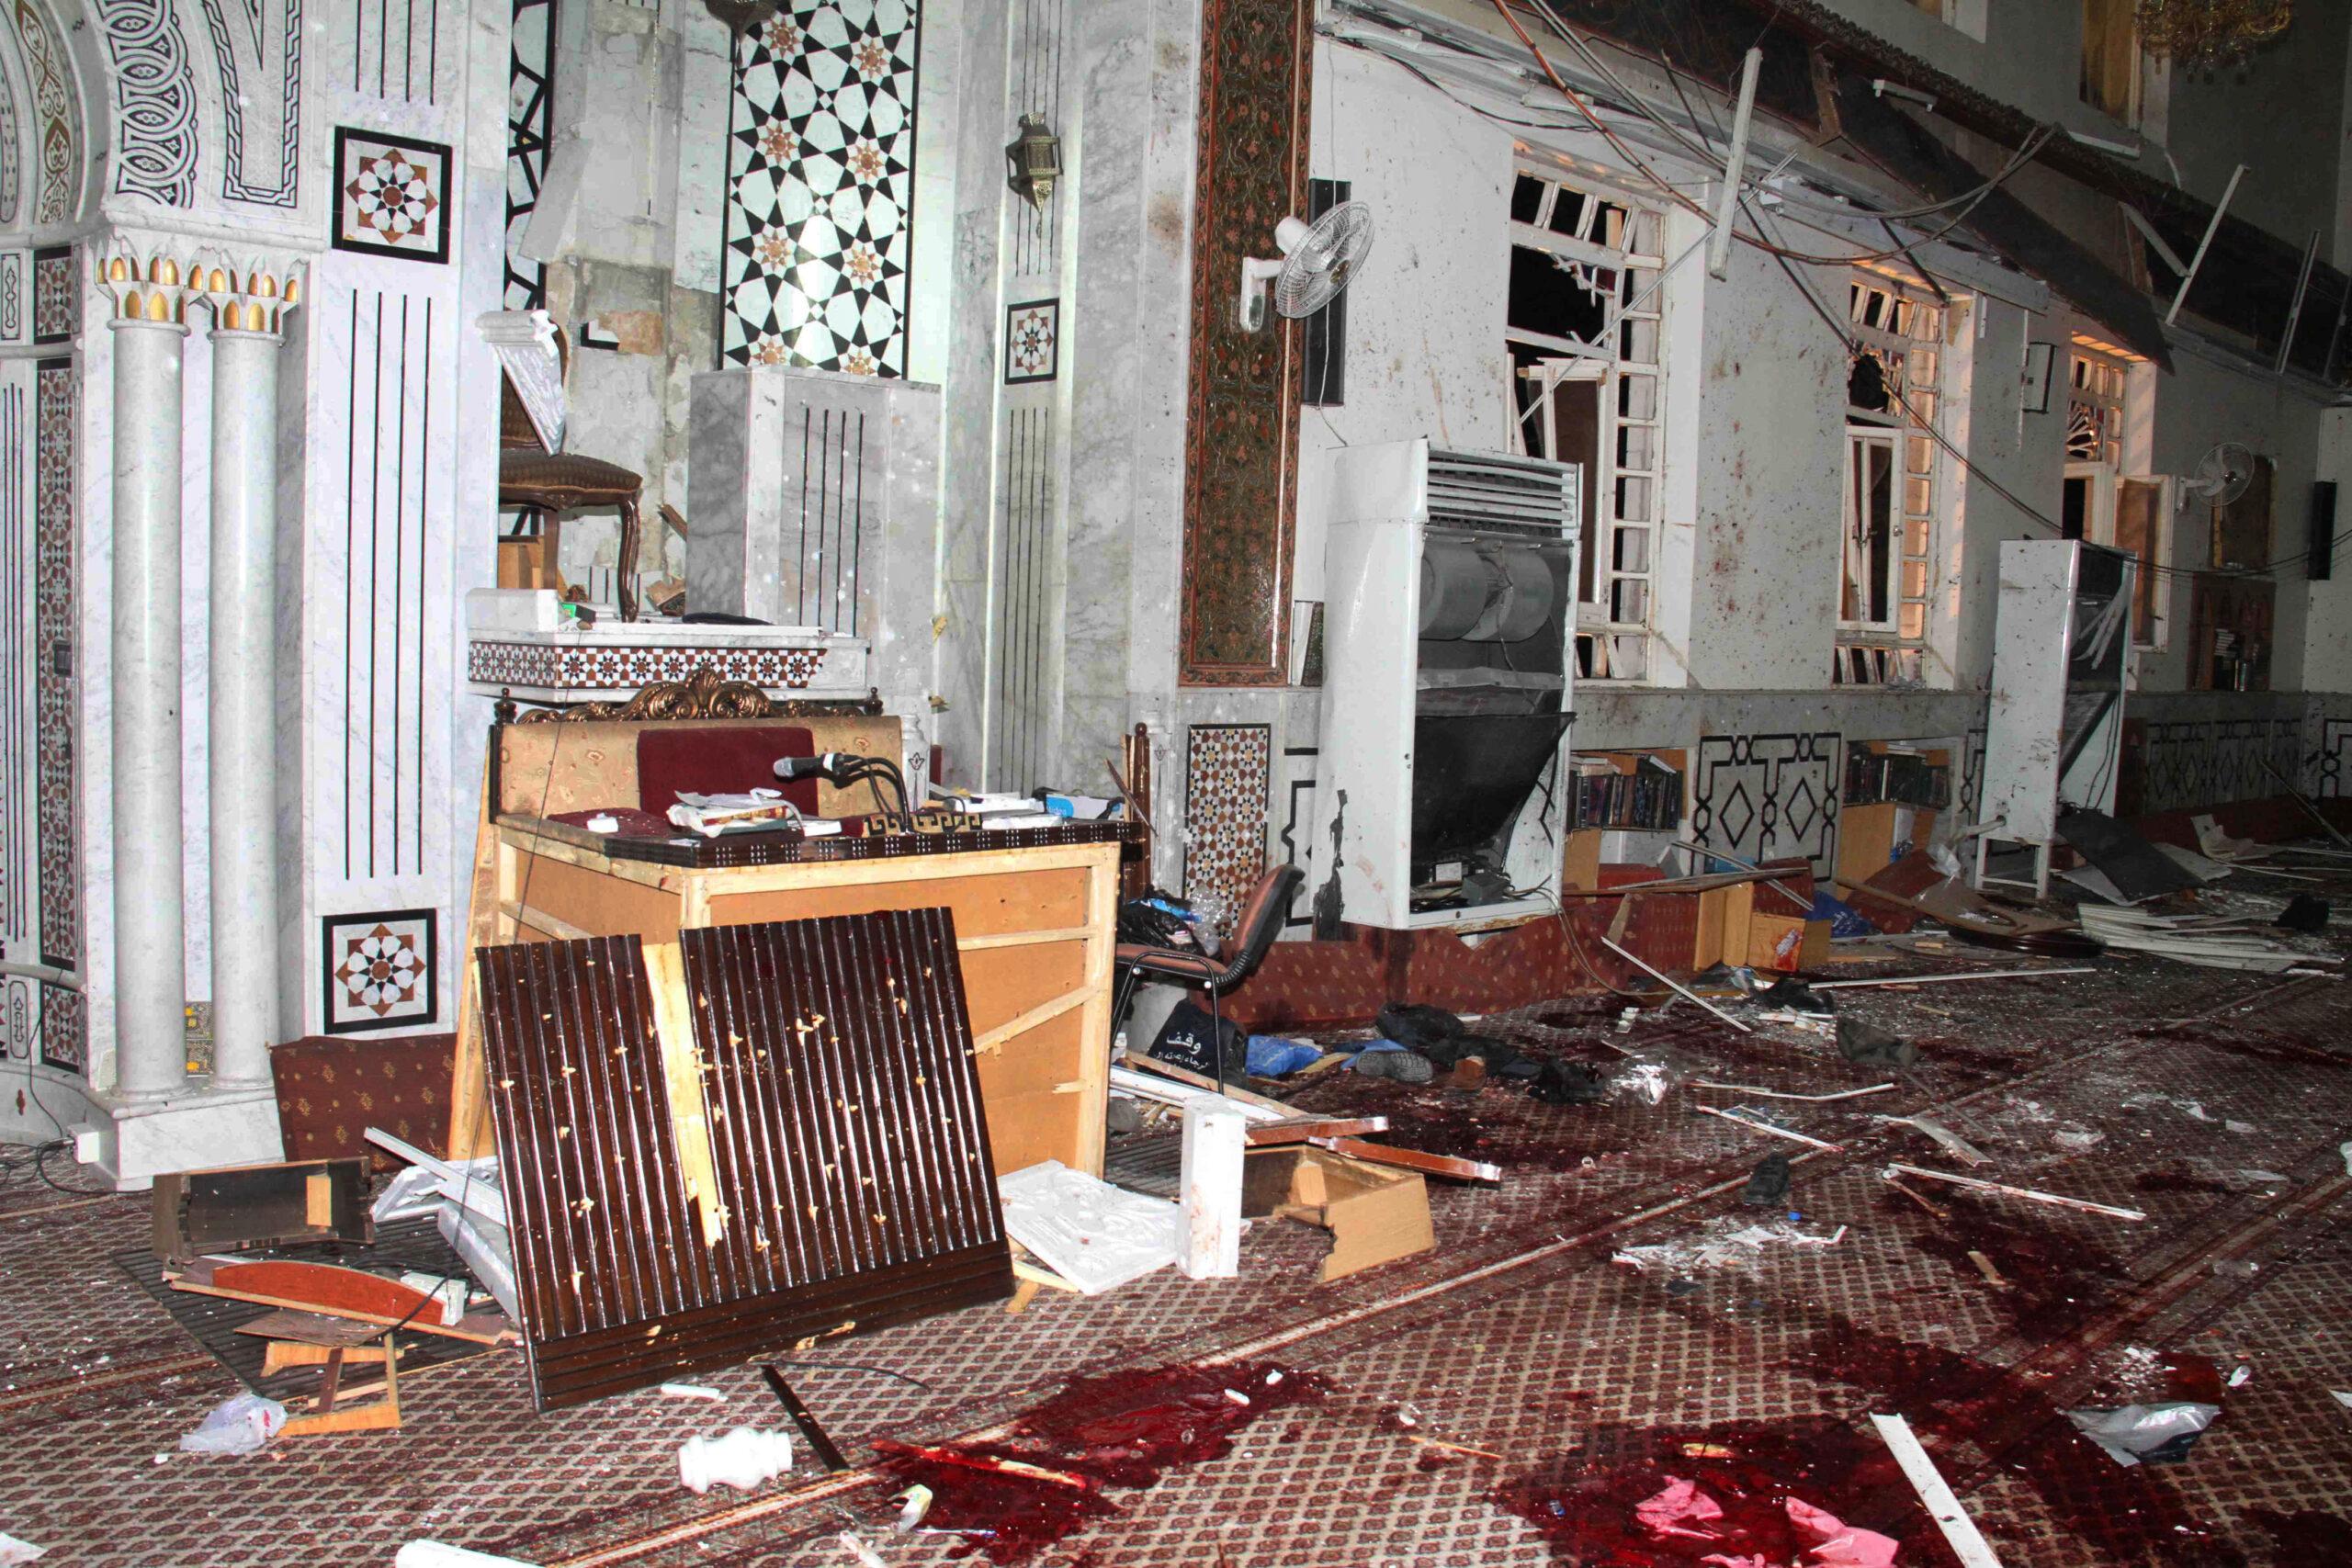 আফগানিস্তানের জামে মসজিদে সন্ত্রাসী হামলার দায়ী অস্বীকার করল তালেবান